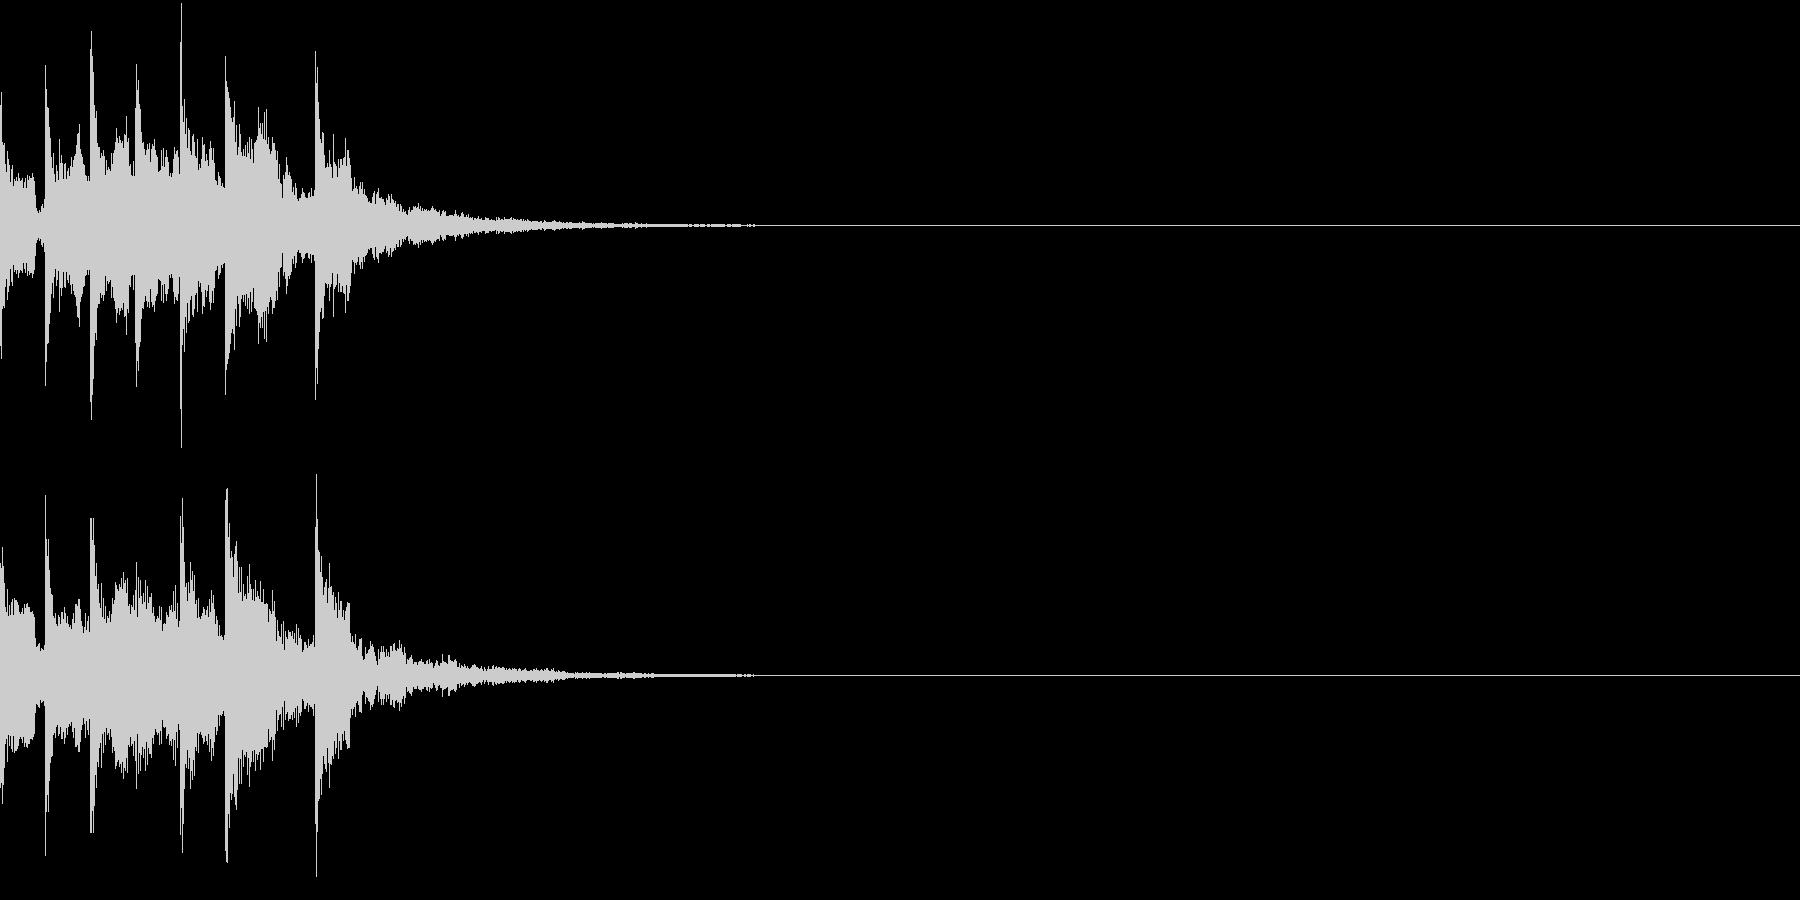 スタート アイテム 使う レベルアップ3の未再生の波形